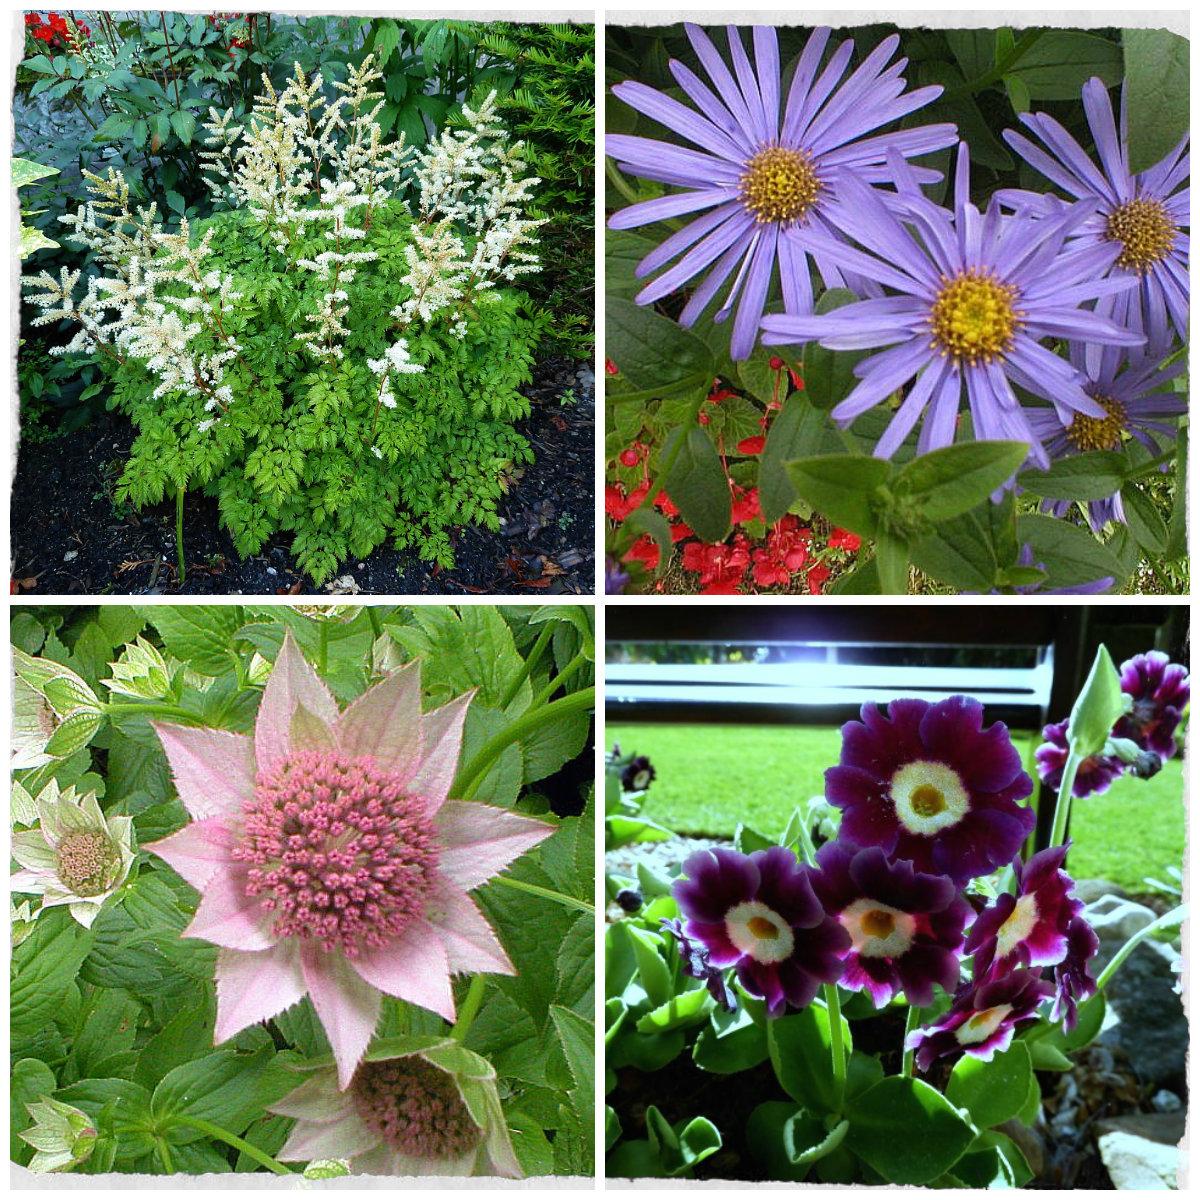 Back garden july 12th 7 aberdeen gardening - Collage 3 Collage 2 Collage